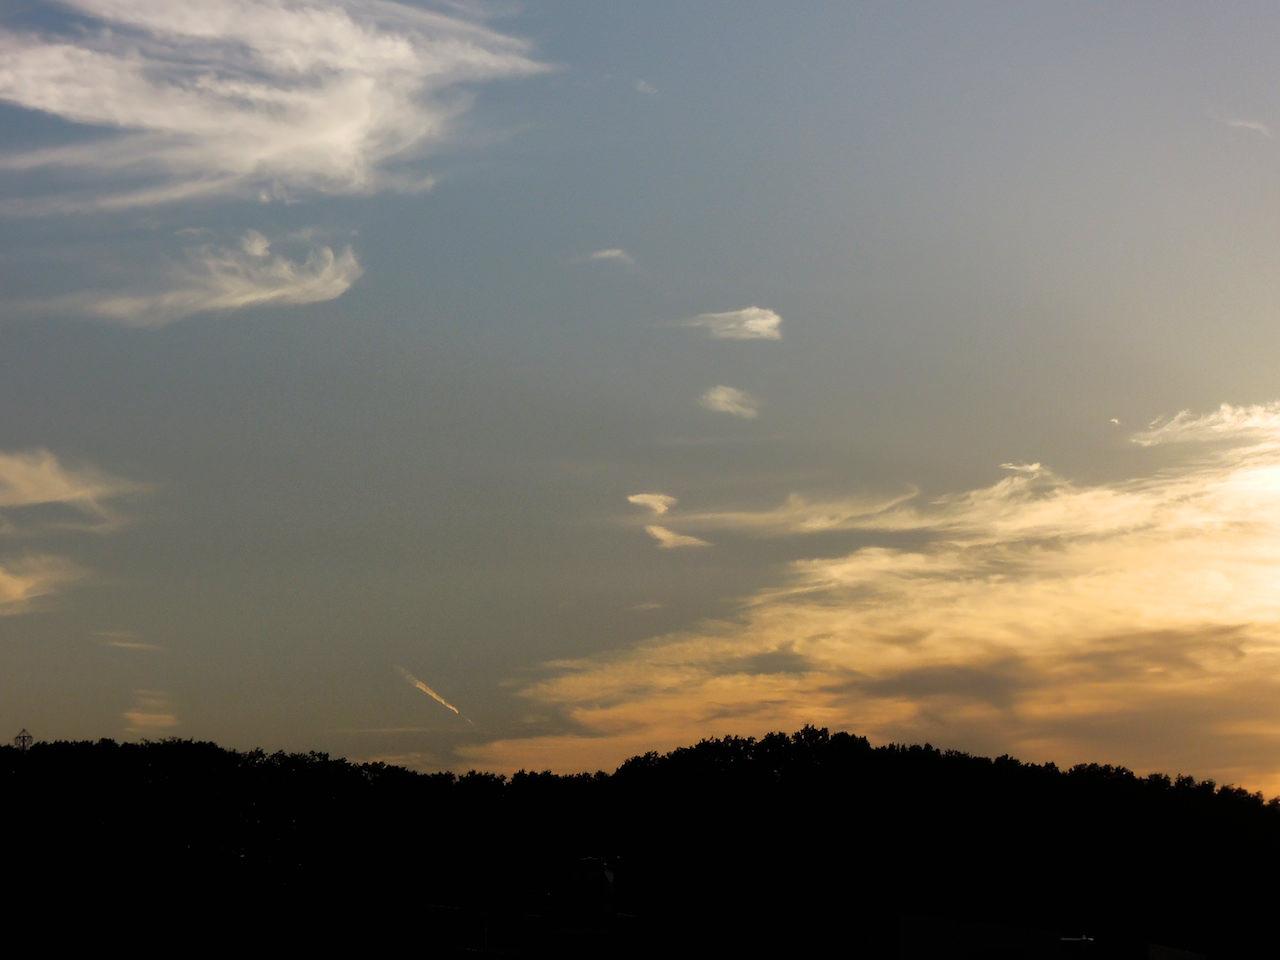 Nikon P300_sky20140610-01.jpg